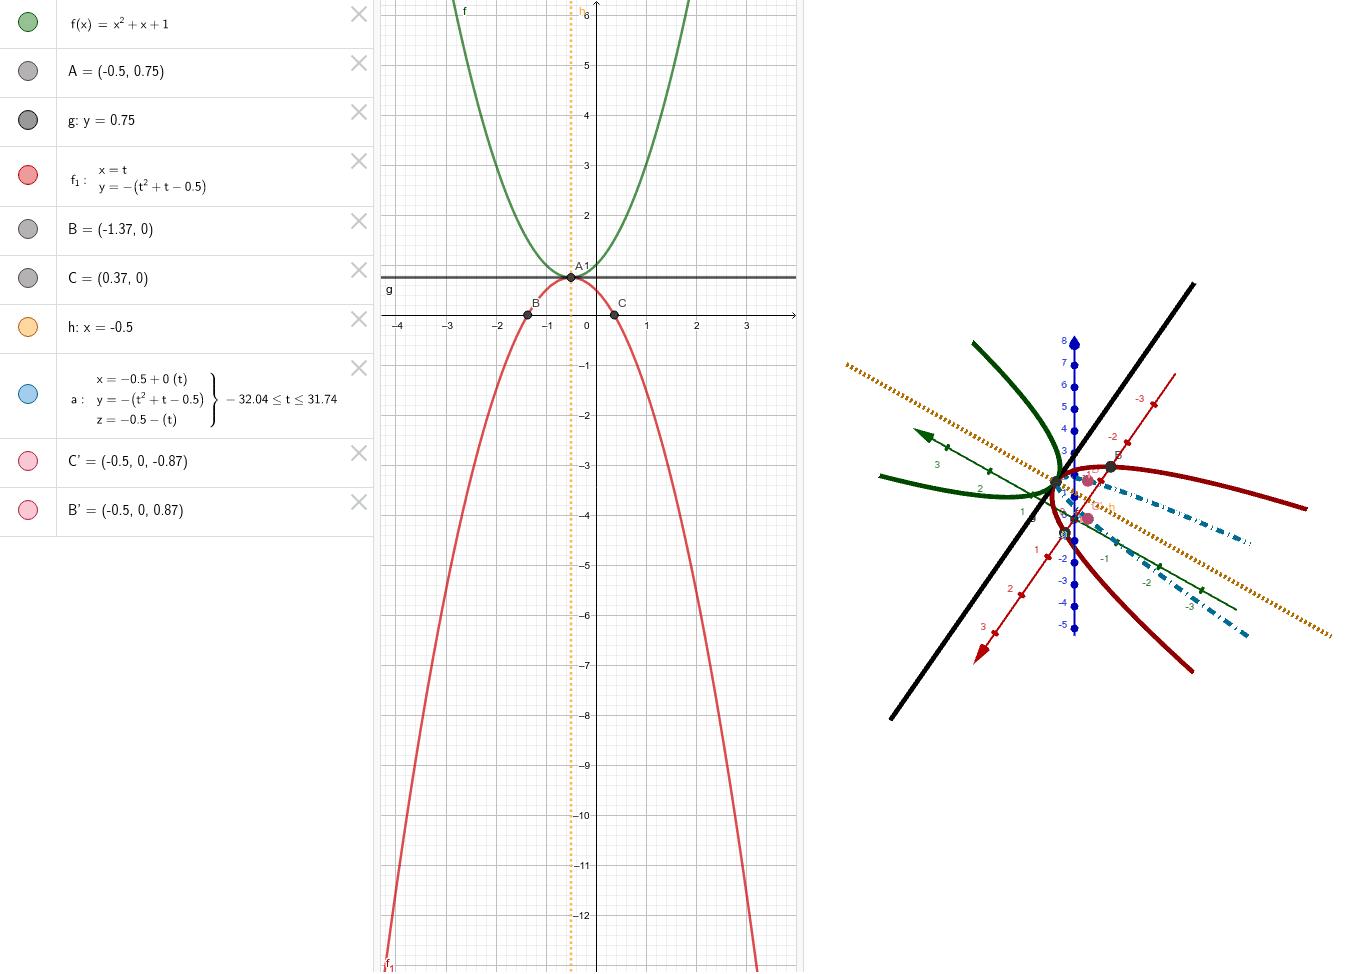 Visualizar las raíces complejas de una ecuación de segundo grado (fuente: https://phantomgraphs.weebly.com/ Philip Lloyd)